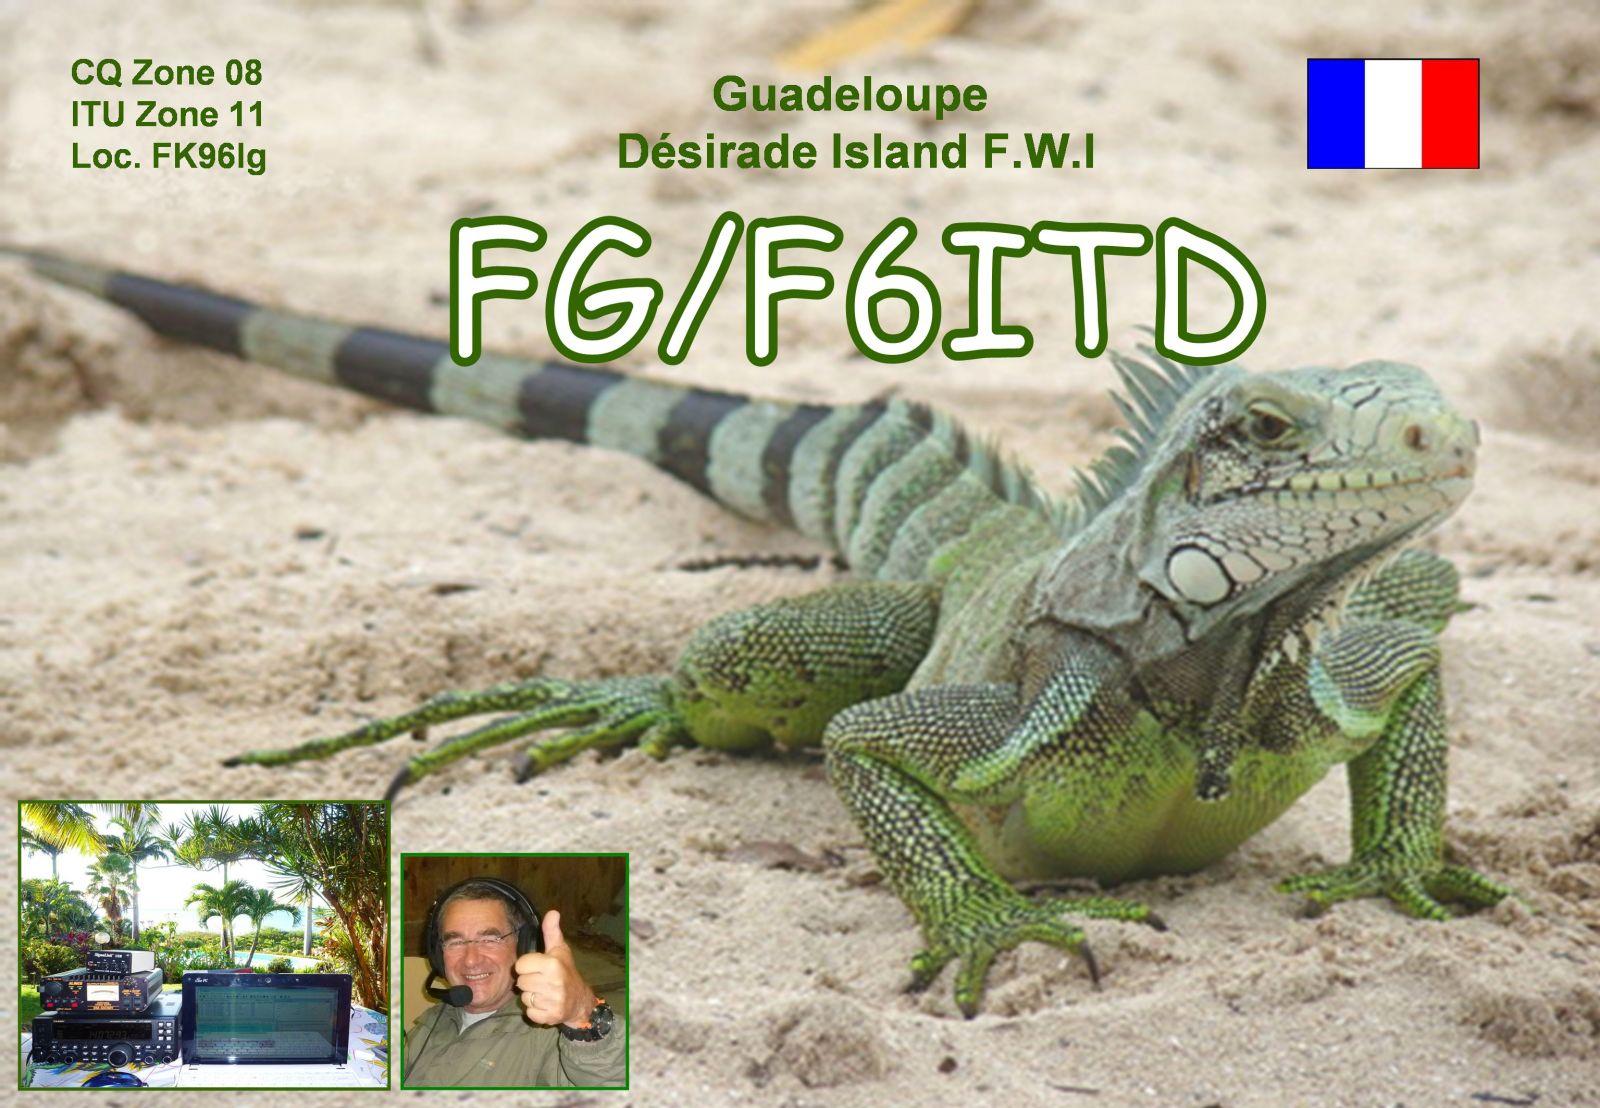 http://files.qrz.com/d/f6itd/QSL_FG6ITD2012Recto.jpg